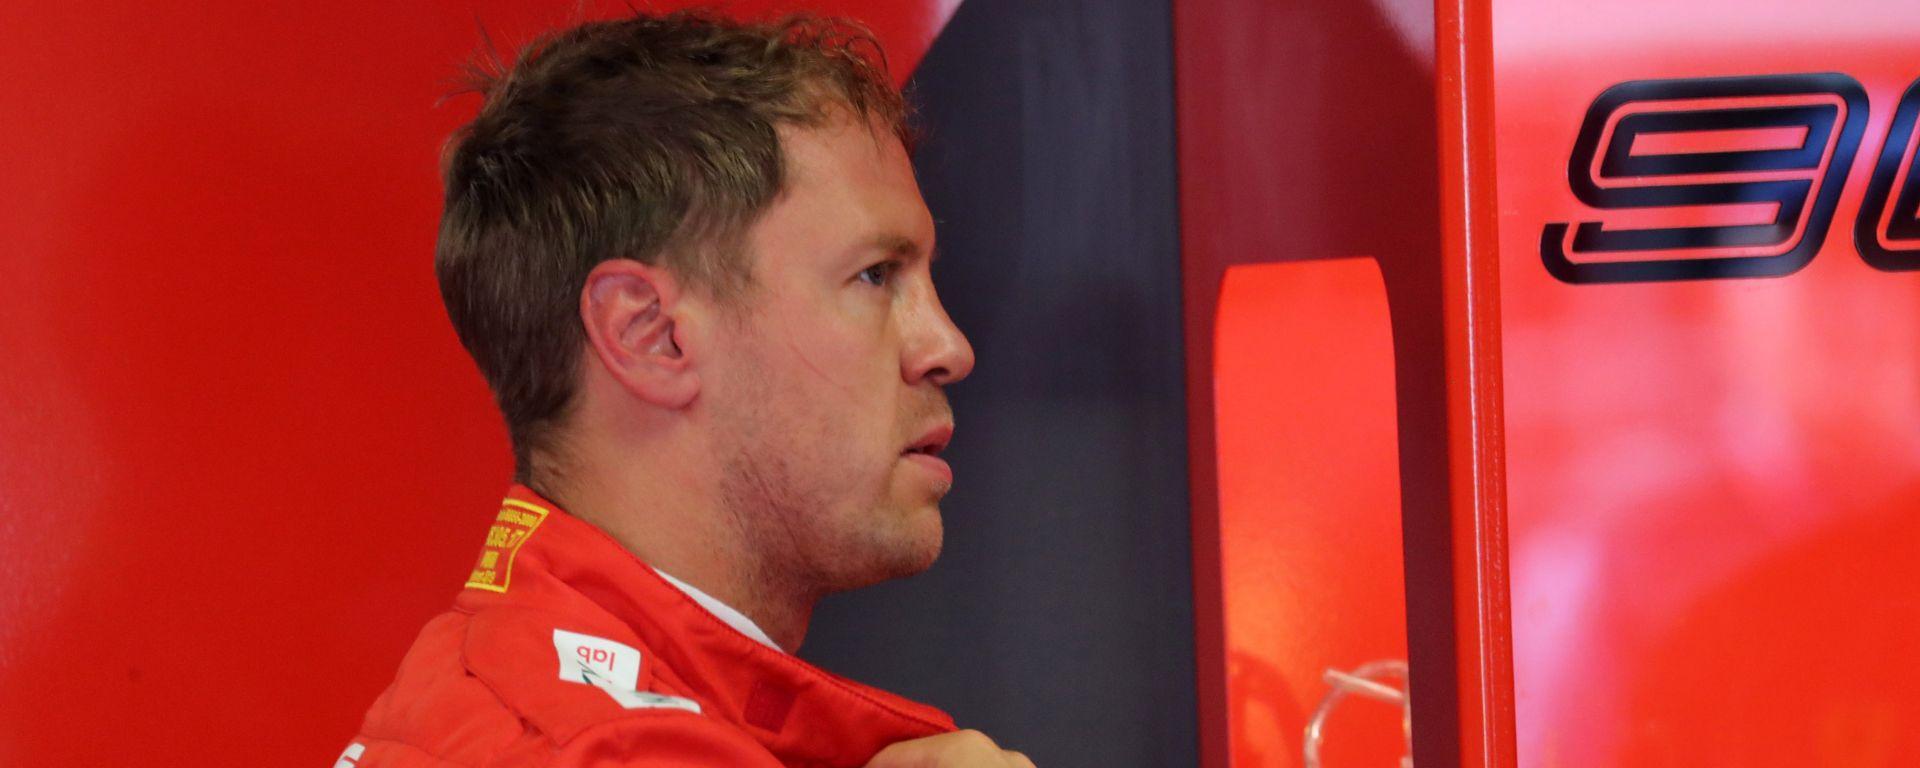 Sebastian Vettel (Ferrari) nel suo box